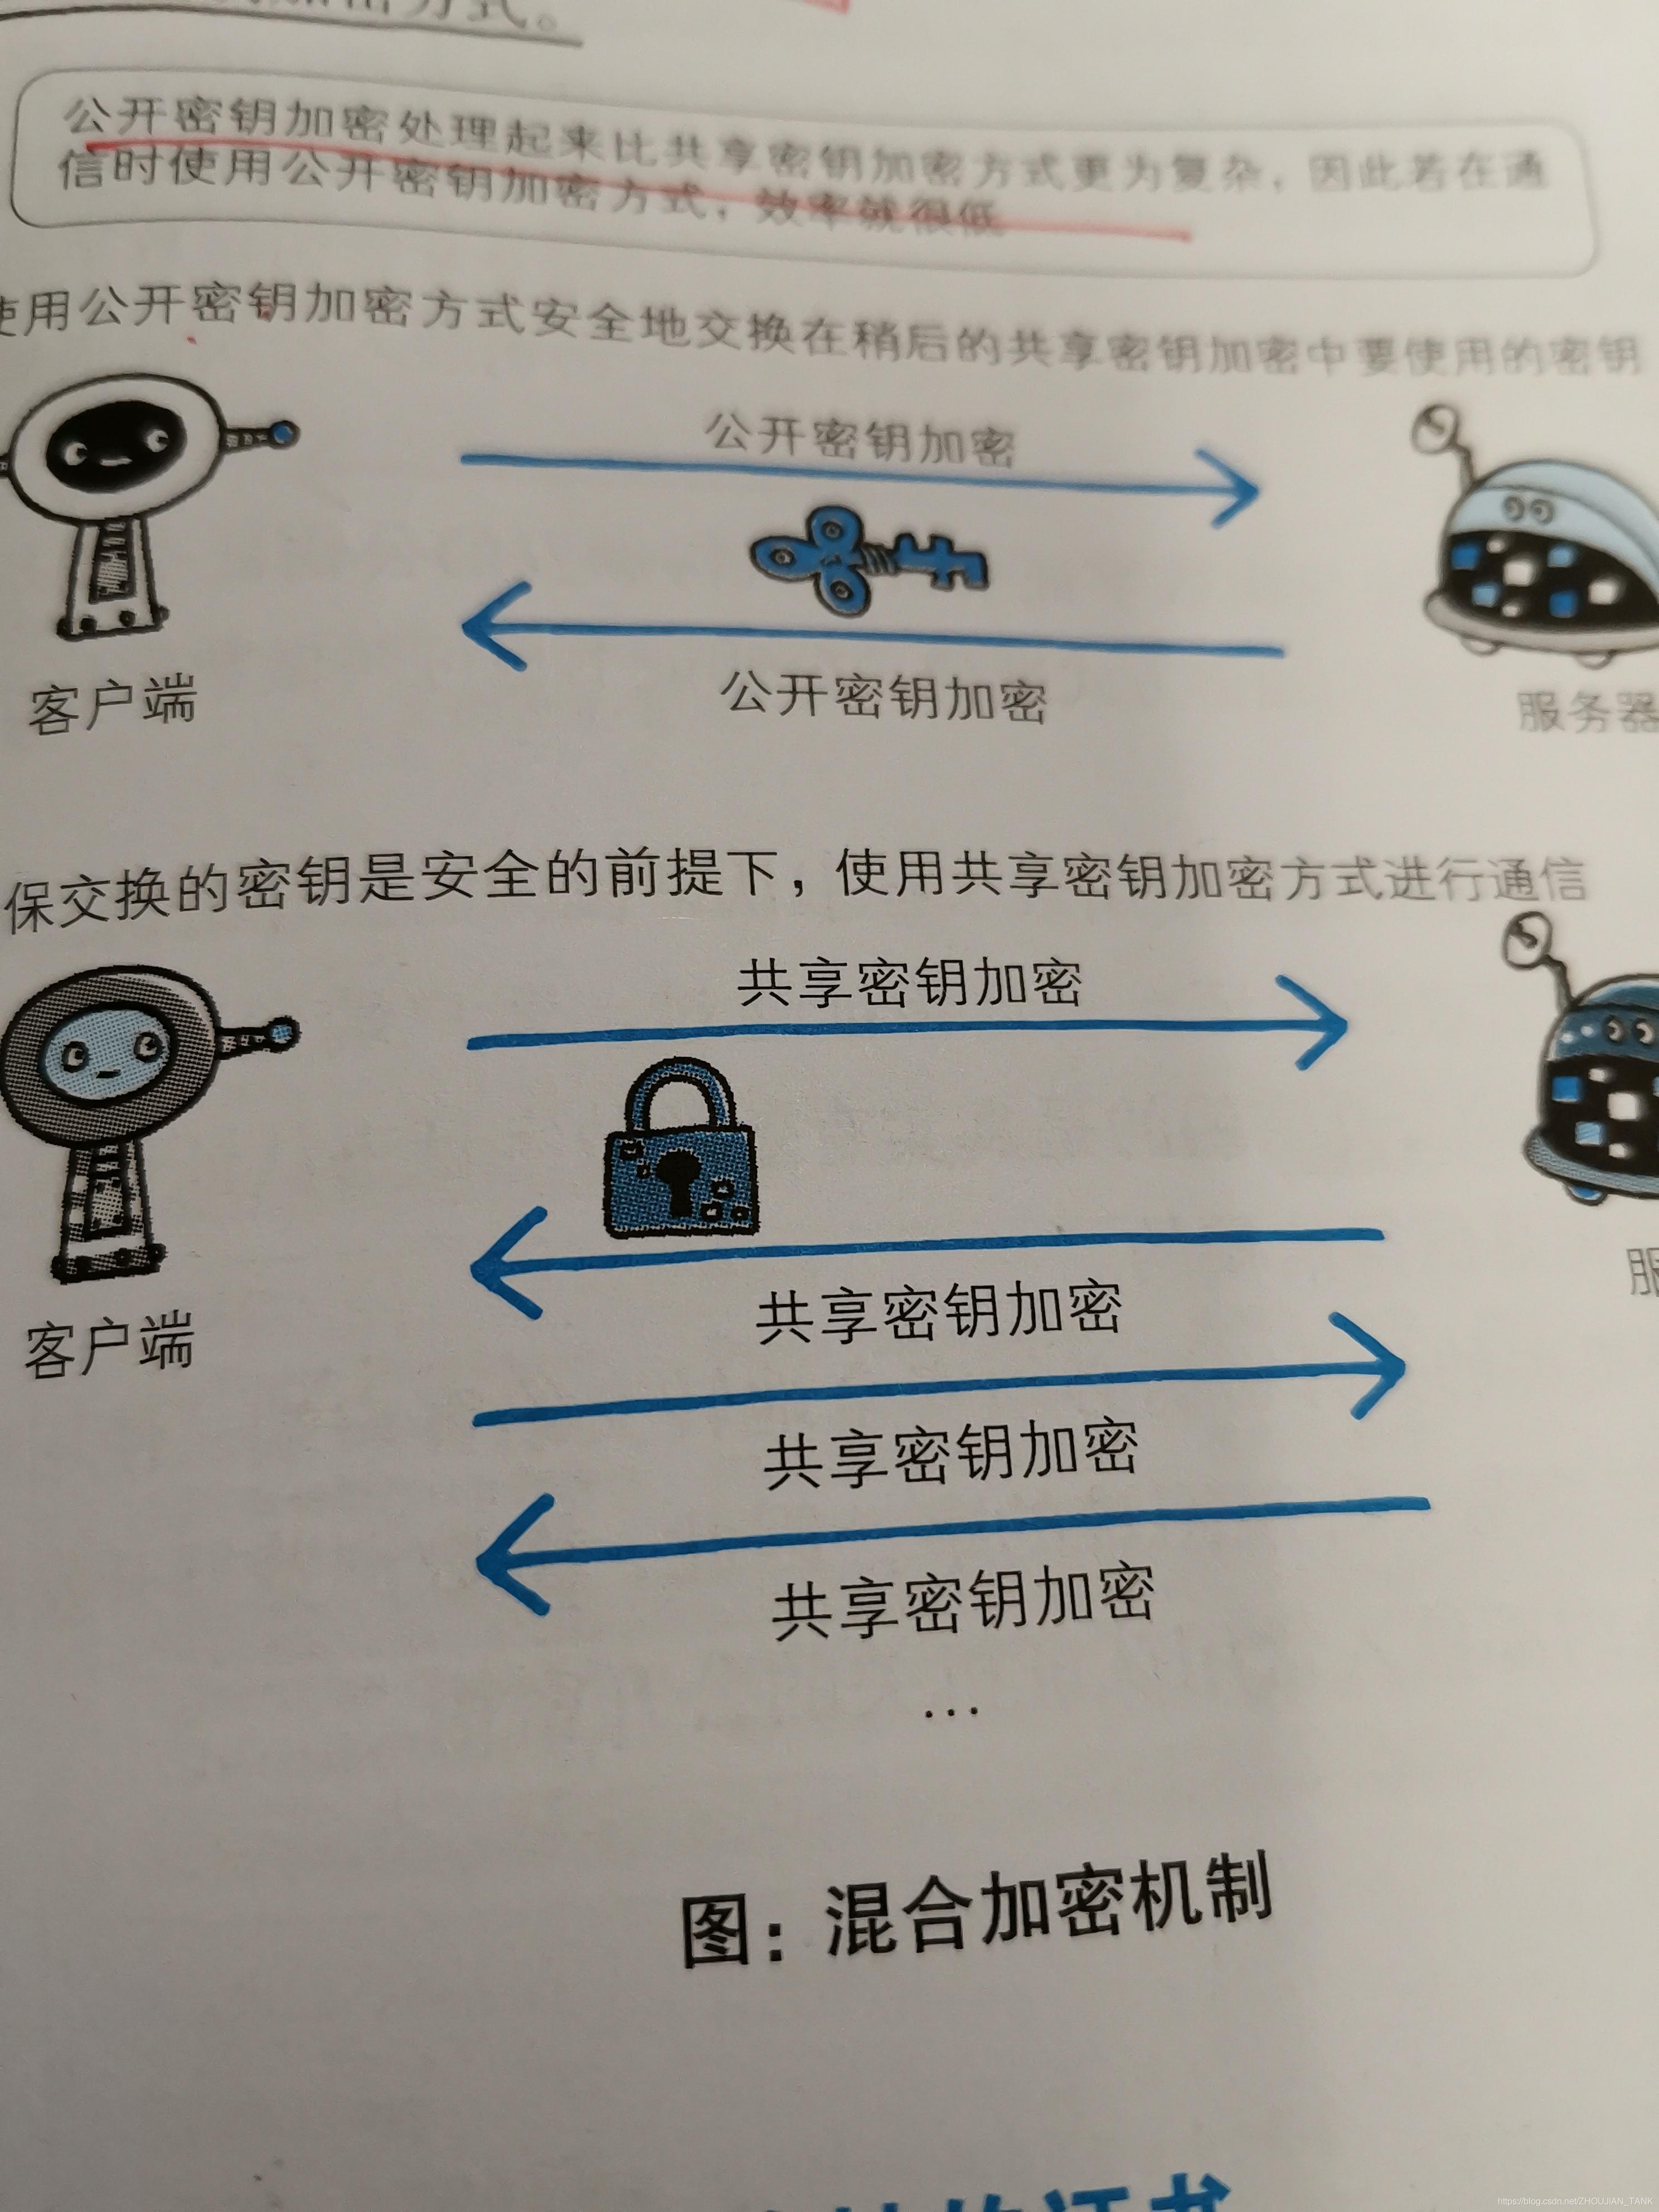 [外链图片转存失败,源站可能有防盗链机制,建议将图片保存下来直接上传(img-0ATWauq3-1579019122221)(9.jpg)]